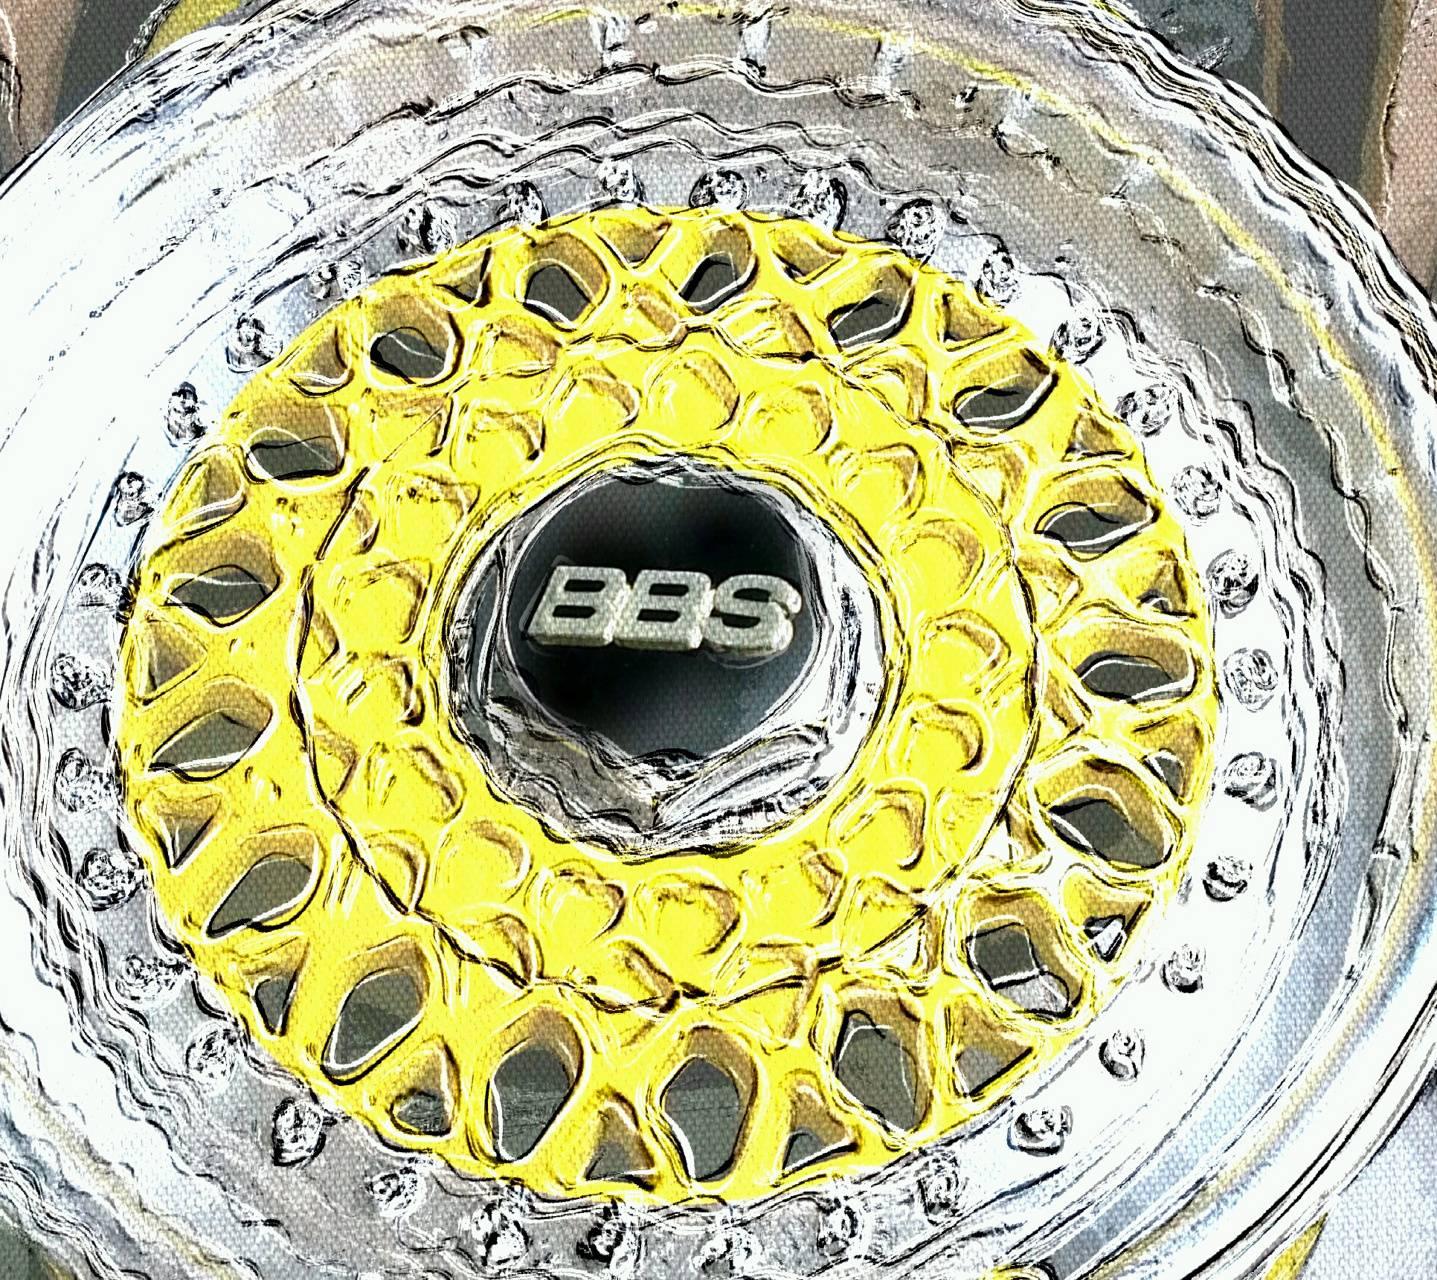 BBS sunflower